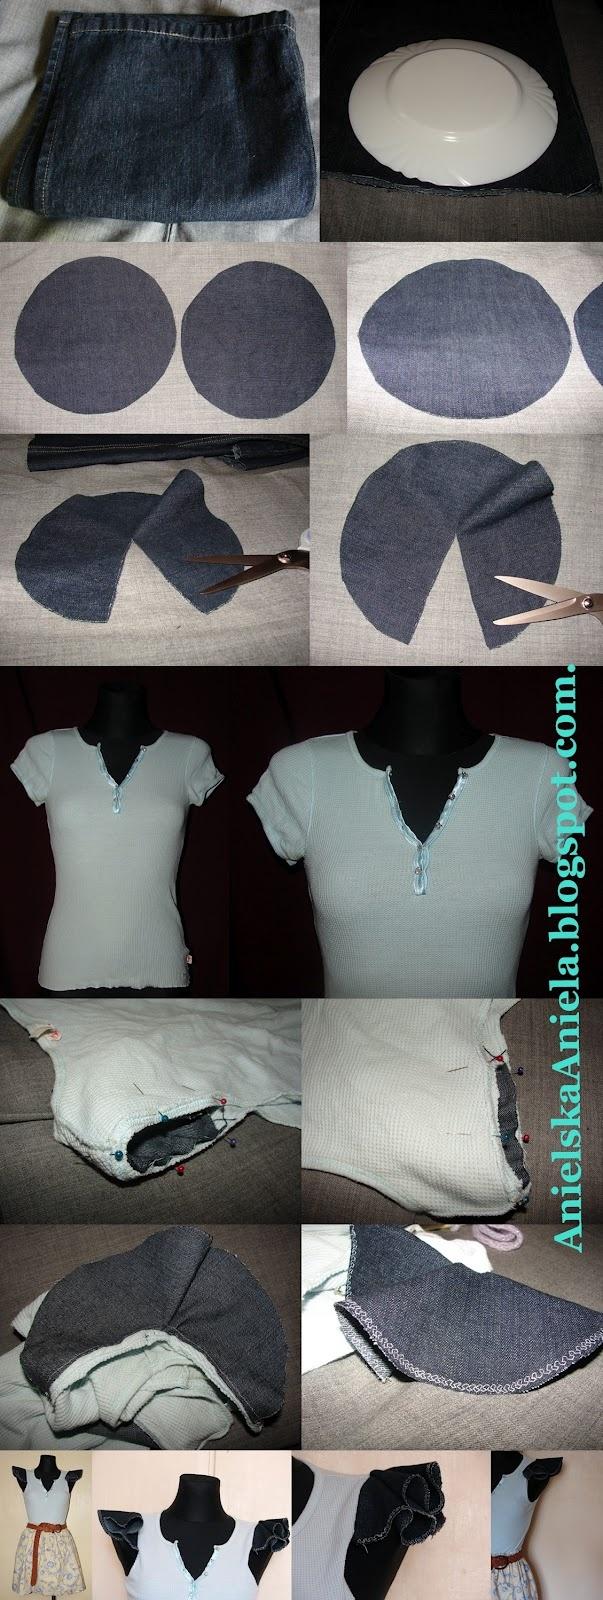 TUTORIALE-Tutorial kopiuj /wklej ... - Anielska Aniela-DIY,Tutorial,szycie, przeróbki, inspiracje,biżuteria,vintage,retro